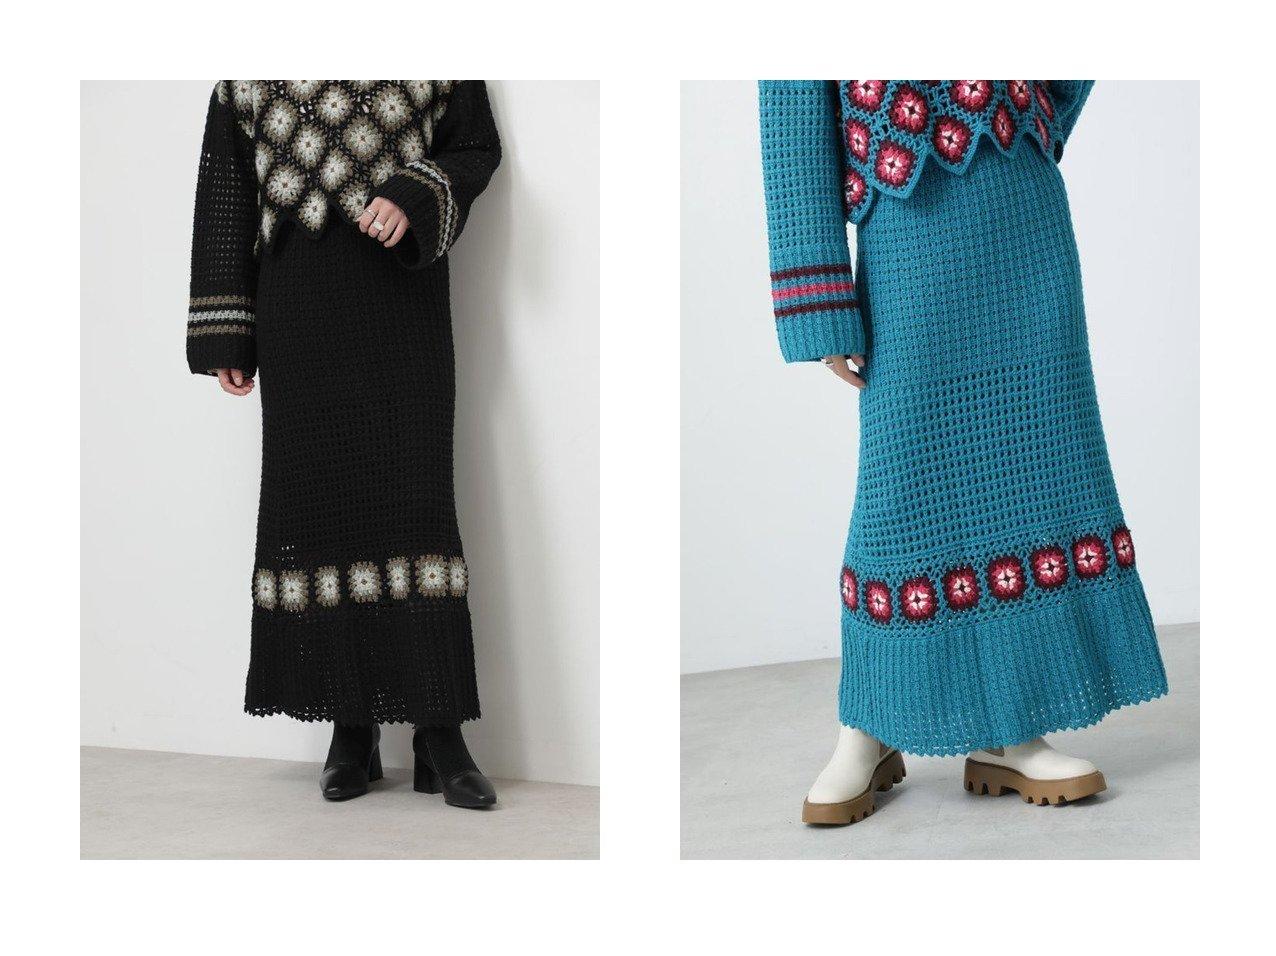 【ROSE BUD/ローズバッド】のクロシェスカート 【スカート】おすすめ!人気、トレンド・レディースファッションの通販 おすすめで人気の流行・トレンド、ファッションの通販商品 インテリア・家具・メンズファッション・キッズファッション・レディースファッション・服の通販 founy(ファニー) https://founy.com/ ファッション Fashion レディースファッション WOMEN スカート Skirt ロングスカート Long Skirt クロシェ シンプル フィット マーメイド ロング |ID:crp329100000072542